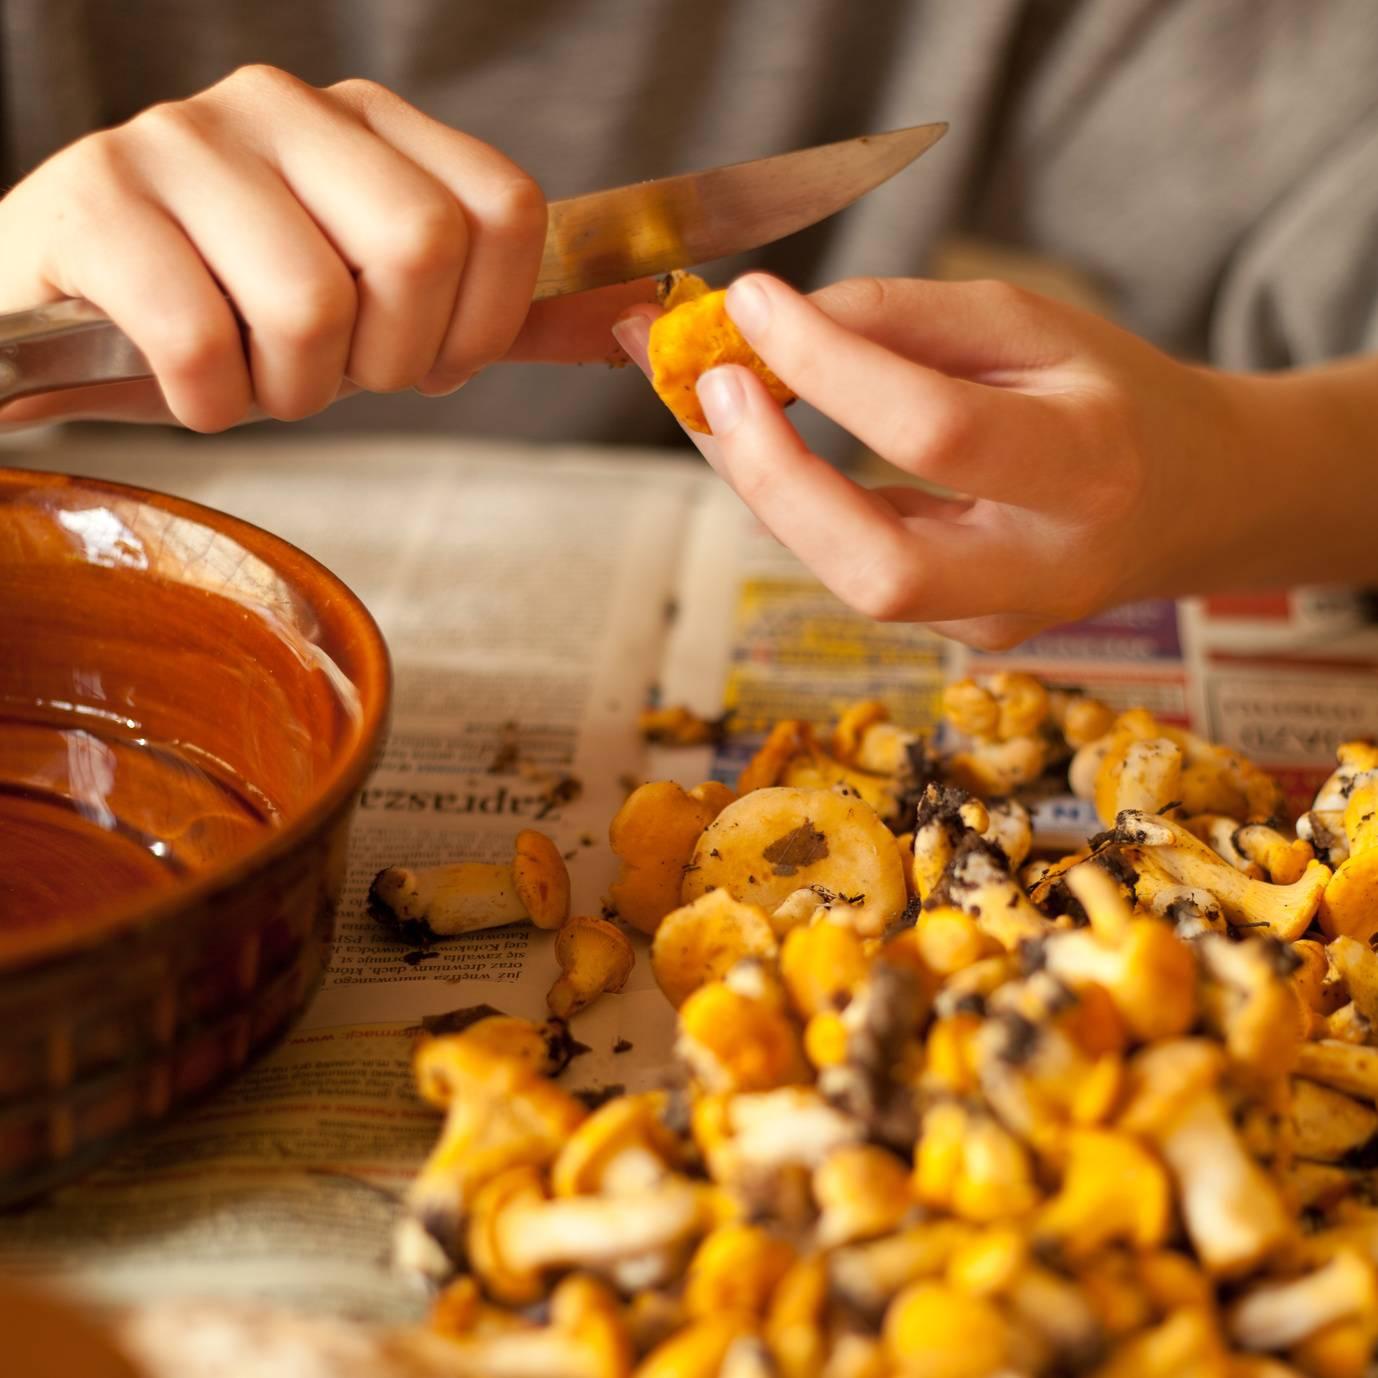 Kurki - przepisy na dania z grzybami. Zbliżenie na kobiece ręce obierające nożykiem kurki nad gazetą.